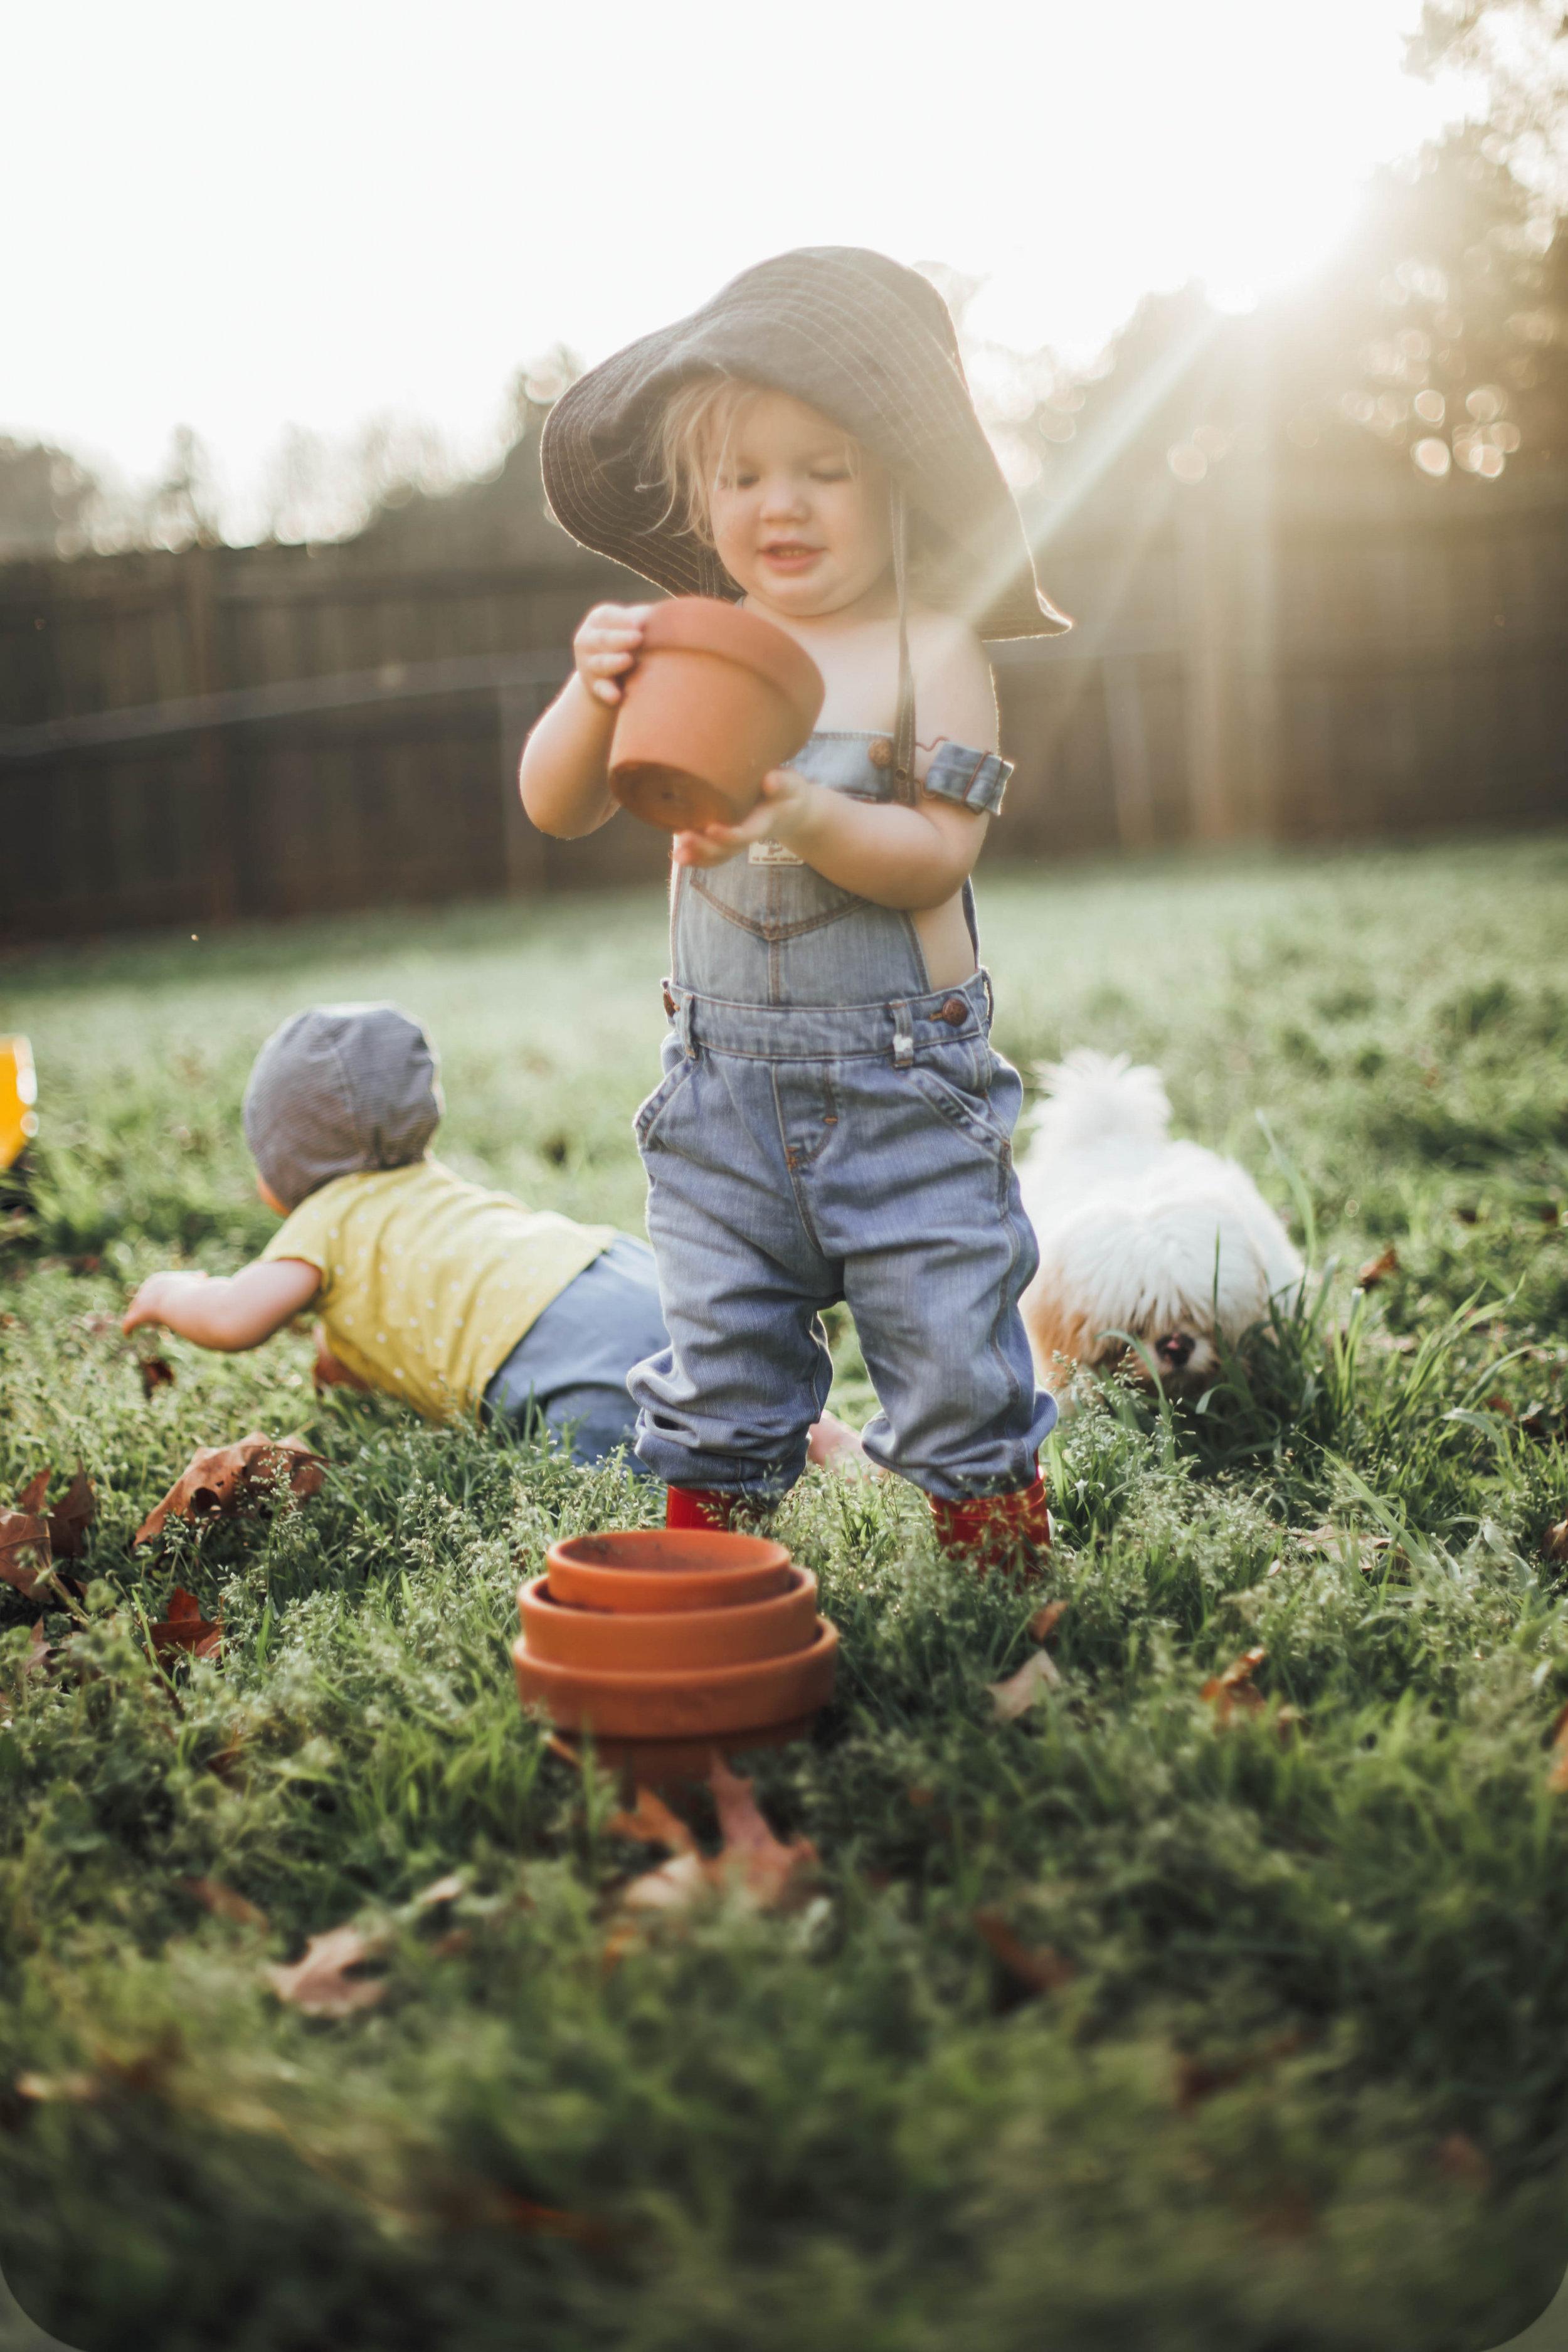 Kids in the garden, boy in a sun hat by Blue Corduroy